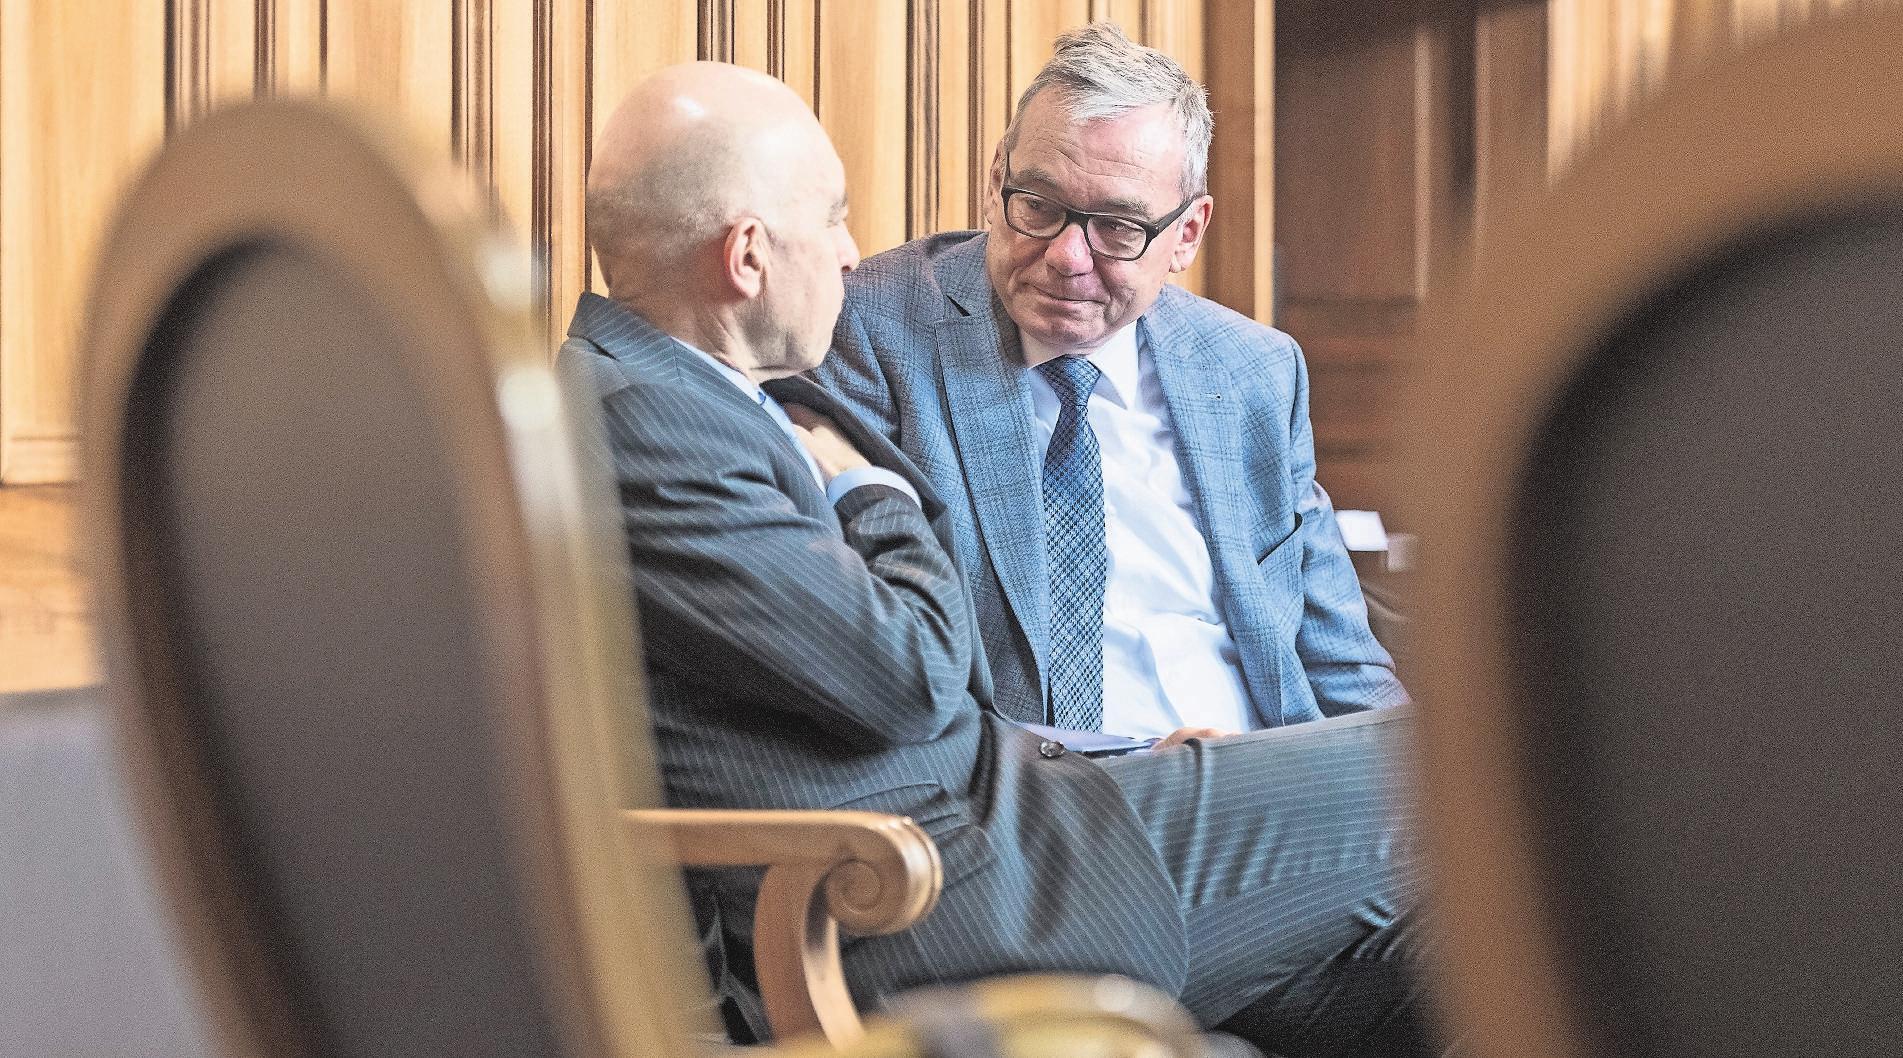 Der Wahlkampf wird kein Spaziergang: Die Ständeräte Daniel Jositsch (SP) und Ruedi Noser (FDP) haben starke Konkurrenz. Bild: Alessandro della Valle/Key (Bern, 28. November 2018)